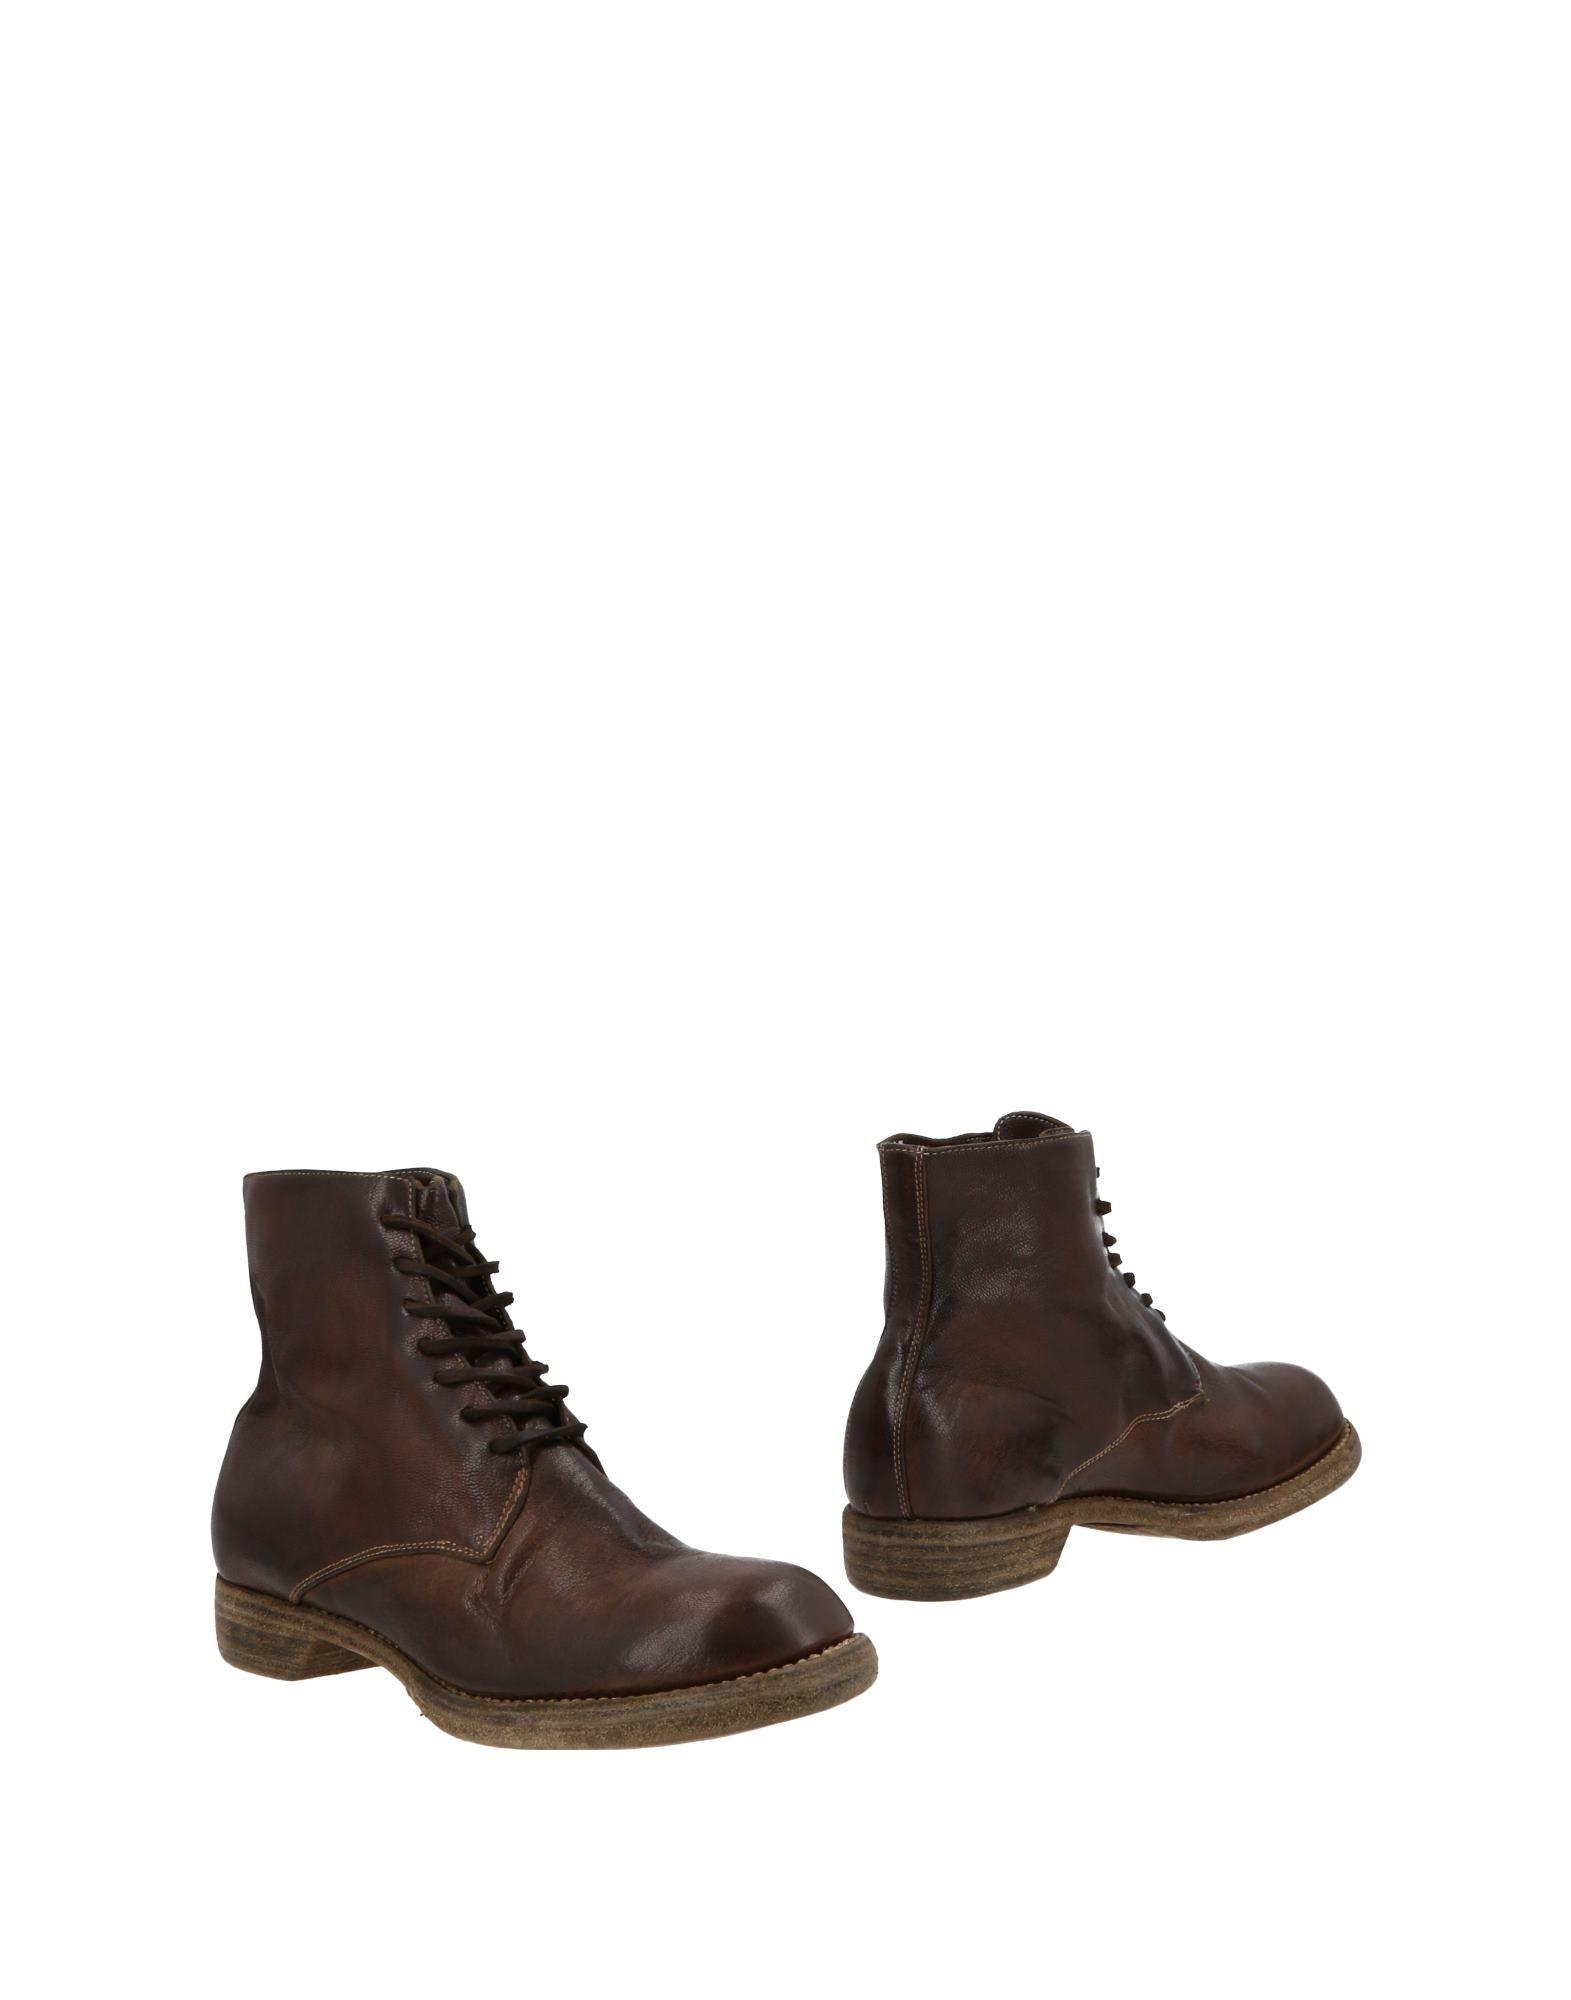 Guidi Stiefelette Herren  11493662BW Gute Qualität beliebte Schuhe